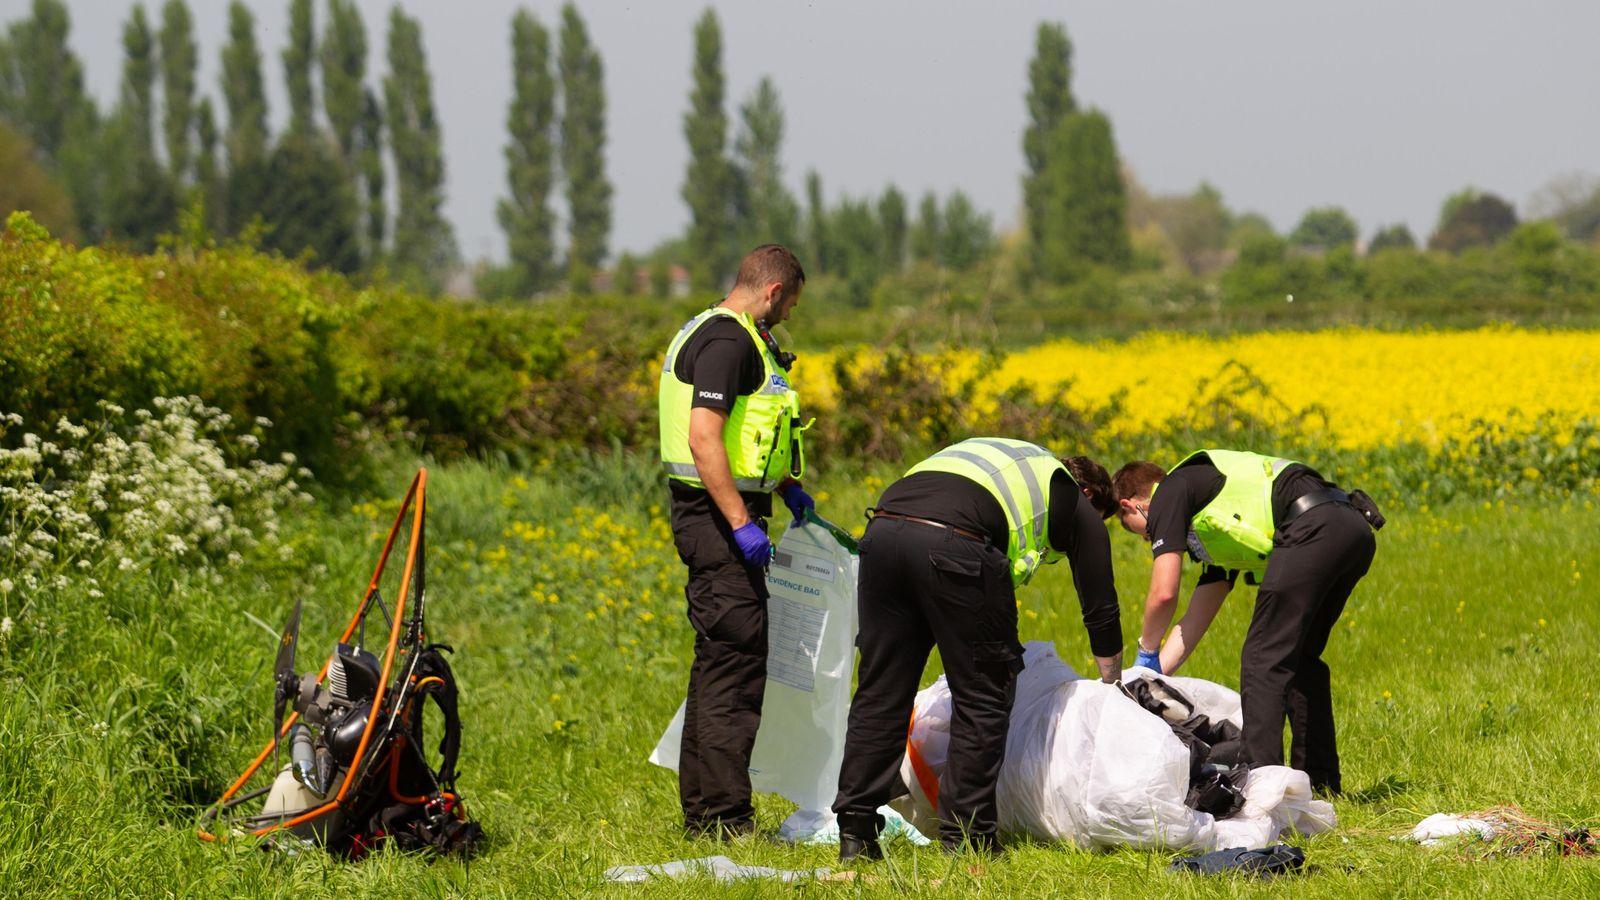 在彼得伯勒附近的空中坠毁中,滑翔伞死亡,另一人受伤